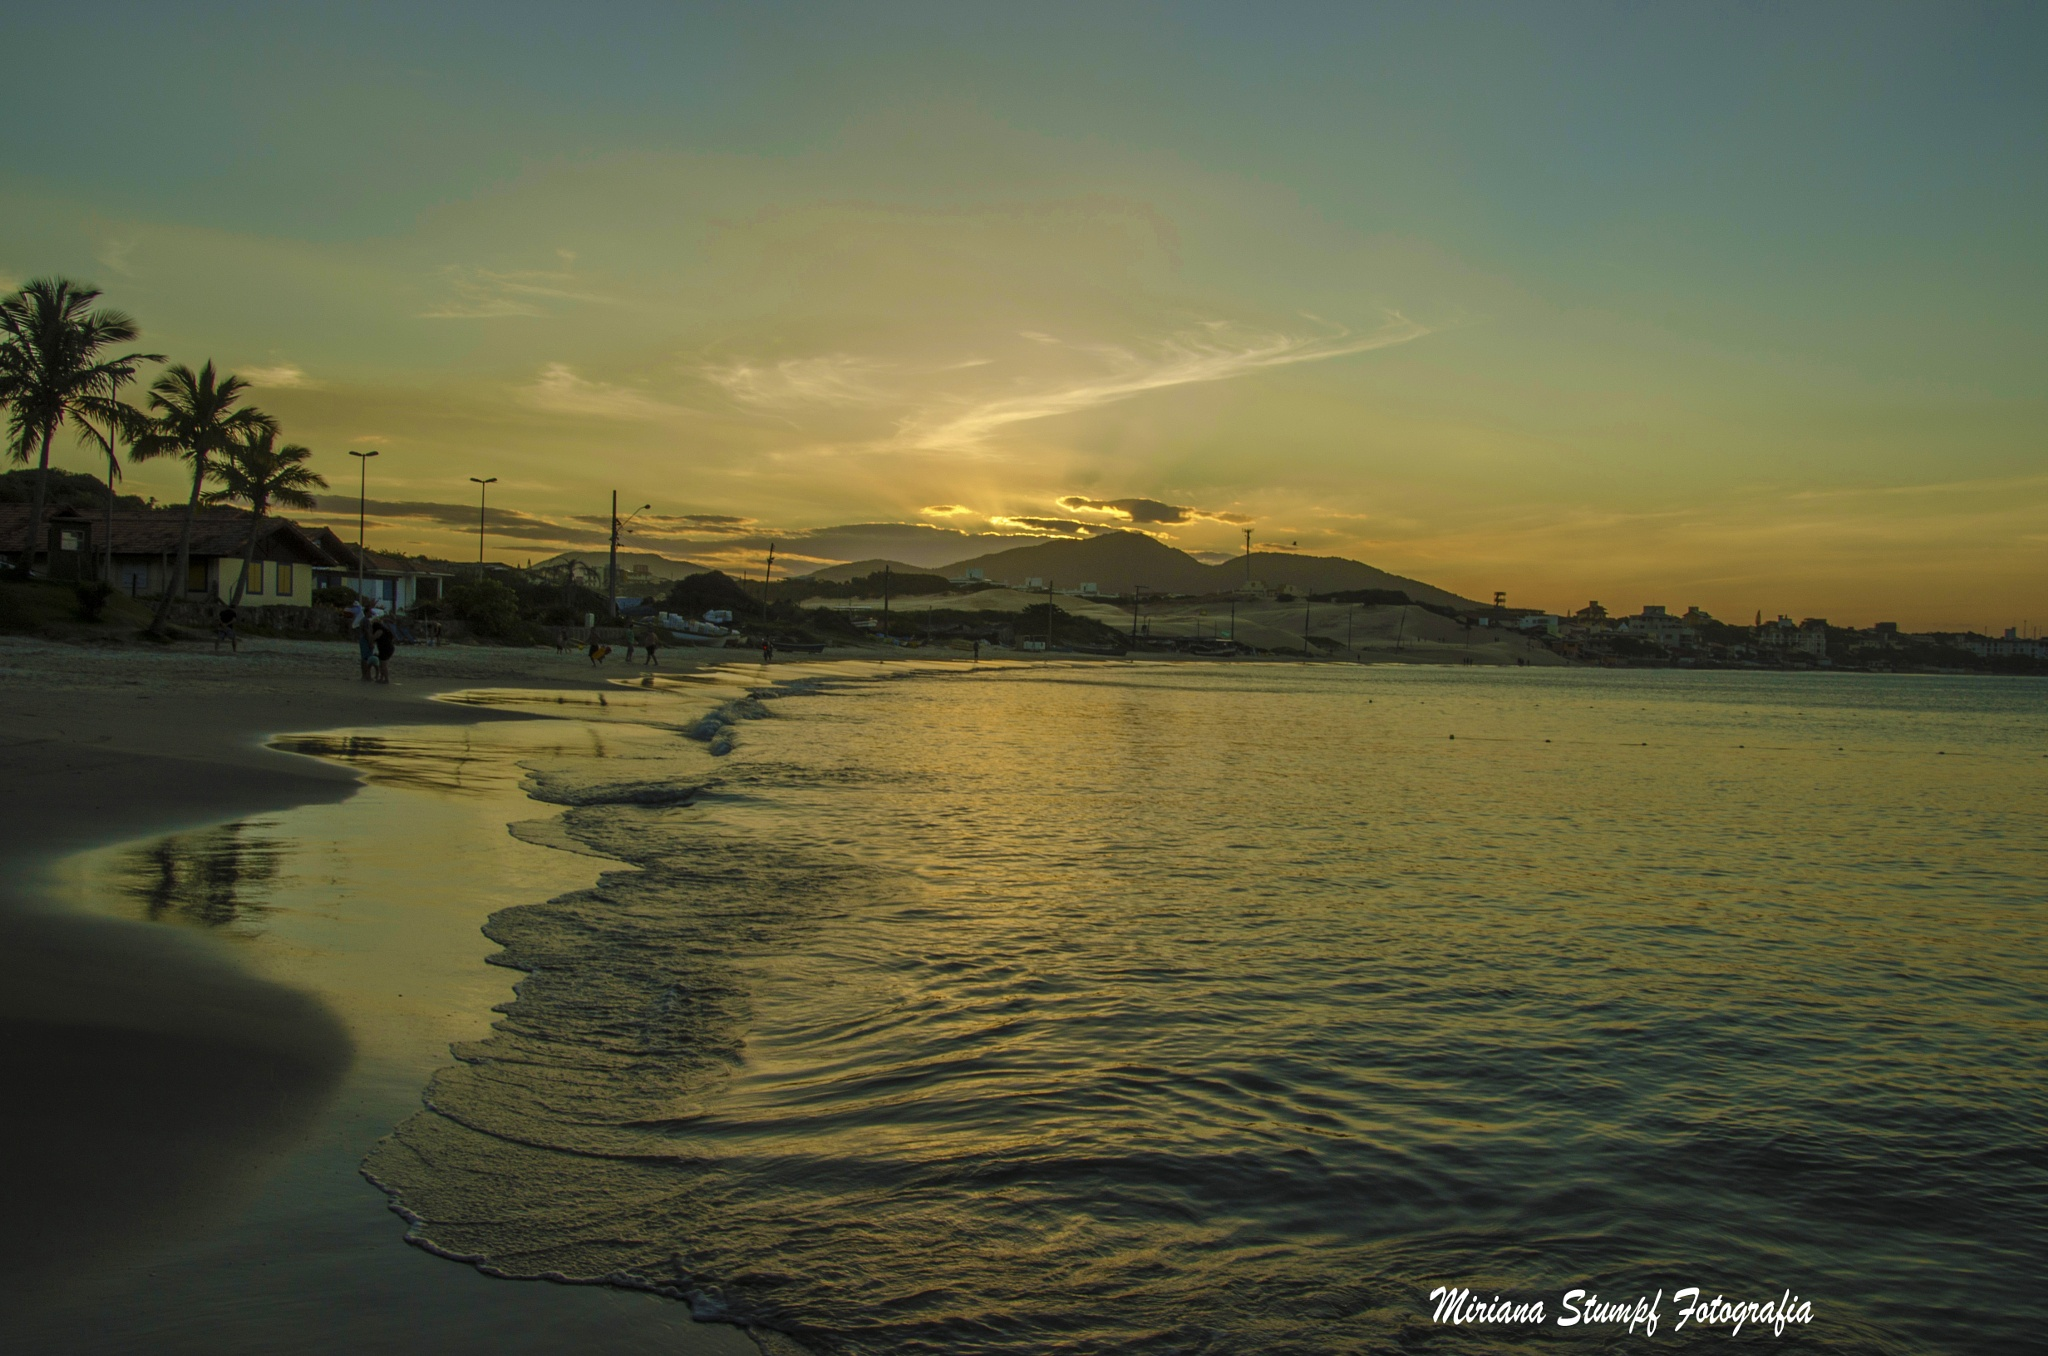 Praia by Miriana Stumpf